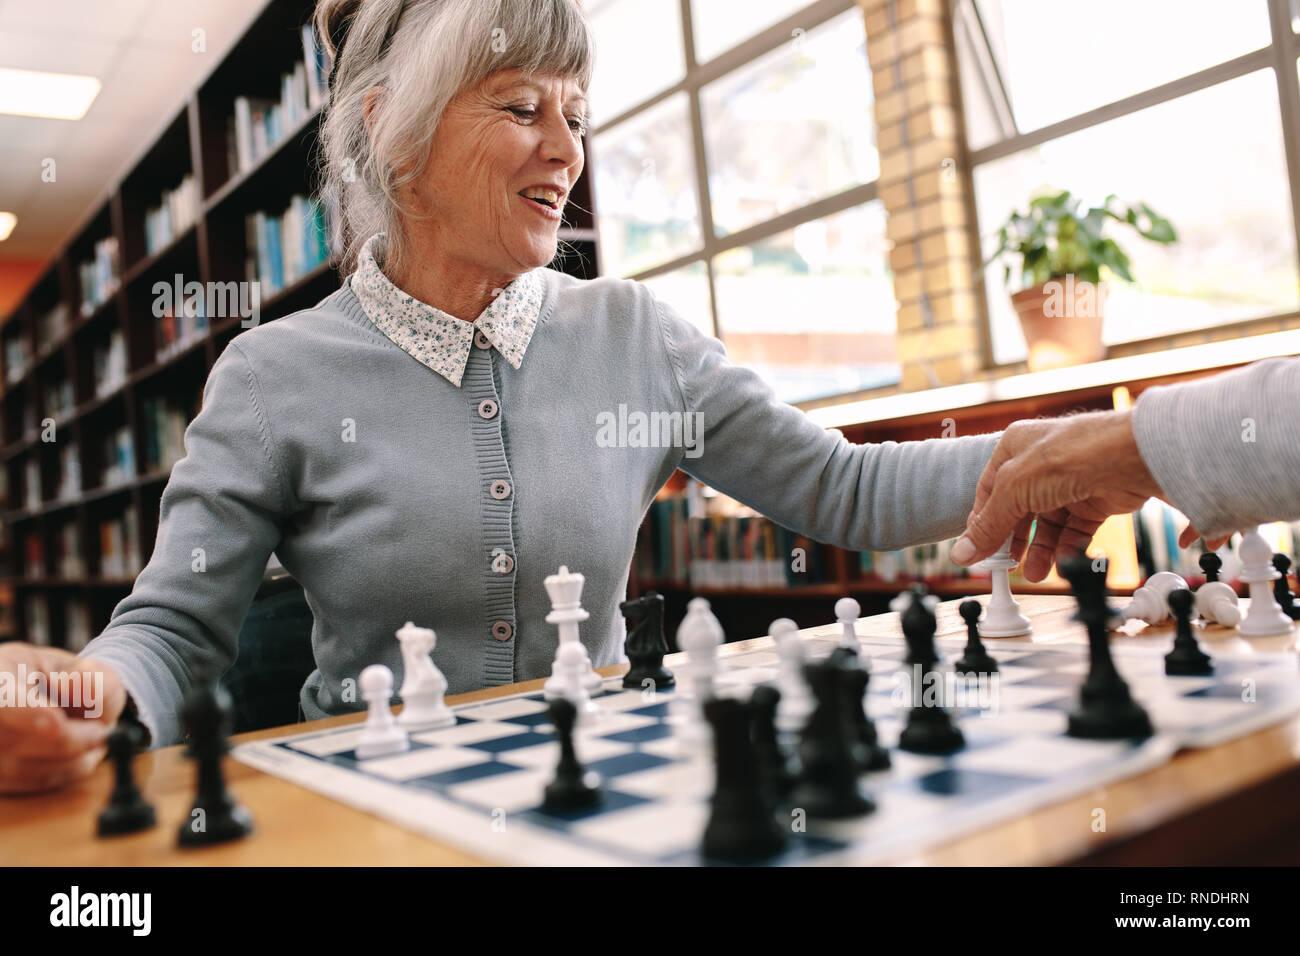 Senior donna giocando una partita a scacchi con il suo partner. Allegra donna anziana rilassarsi giocando a scacchi. Foto Stock